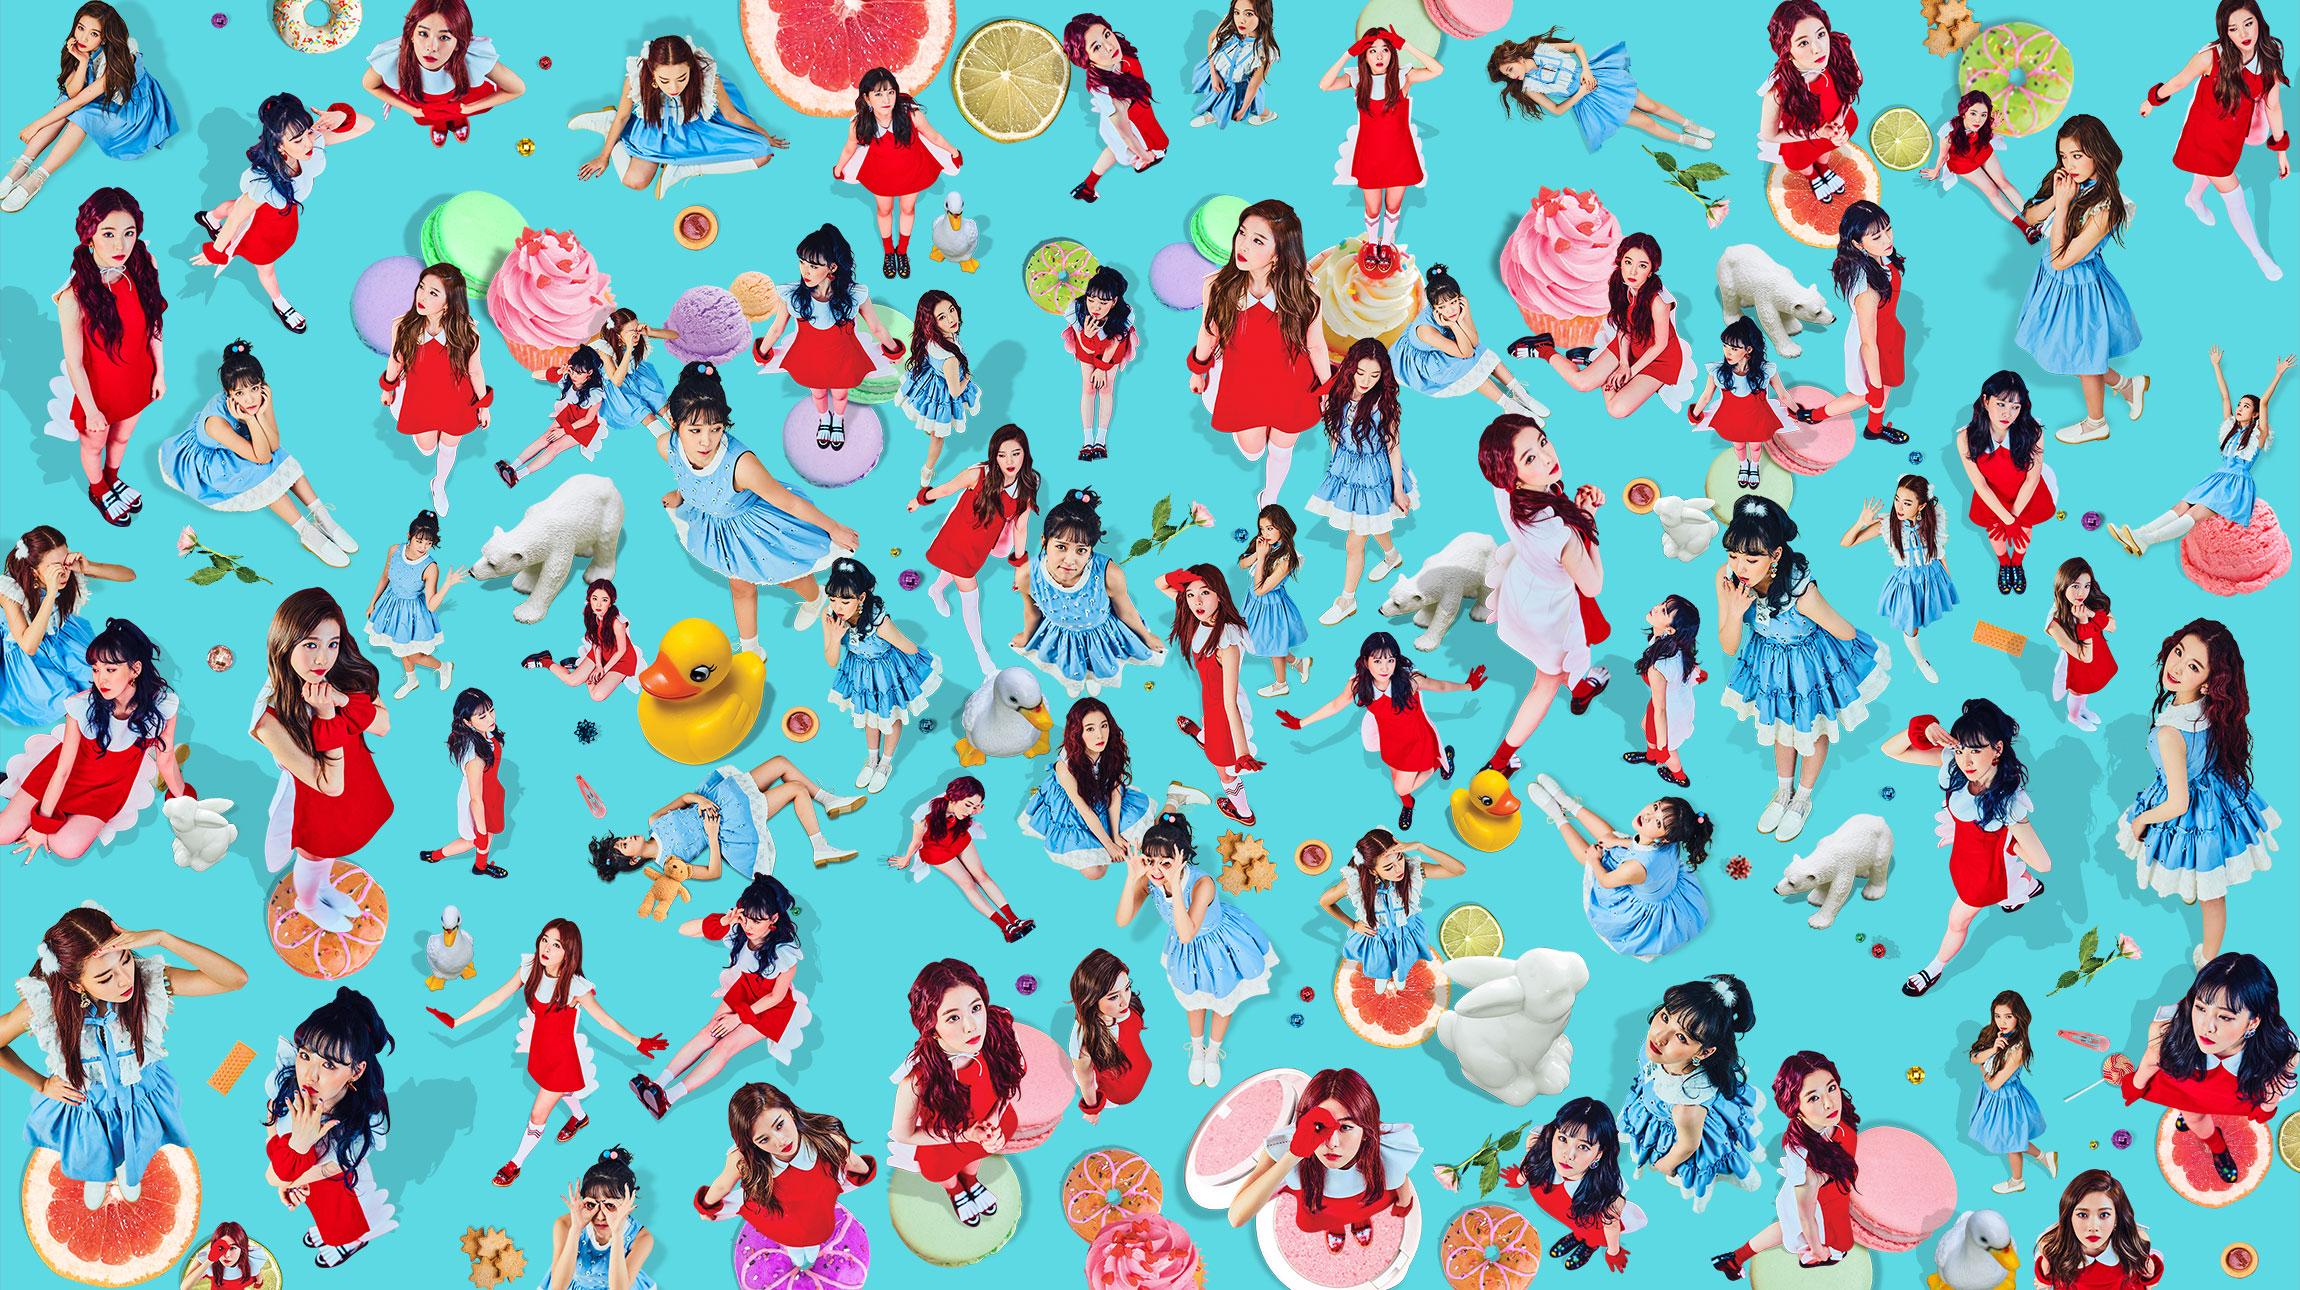 Teaser Red Velvet Comeback Teaser Website Update Find